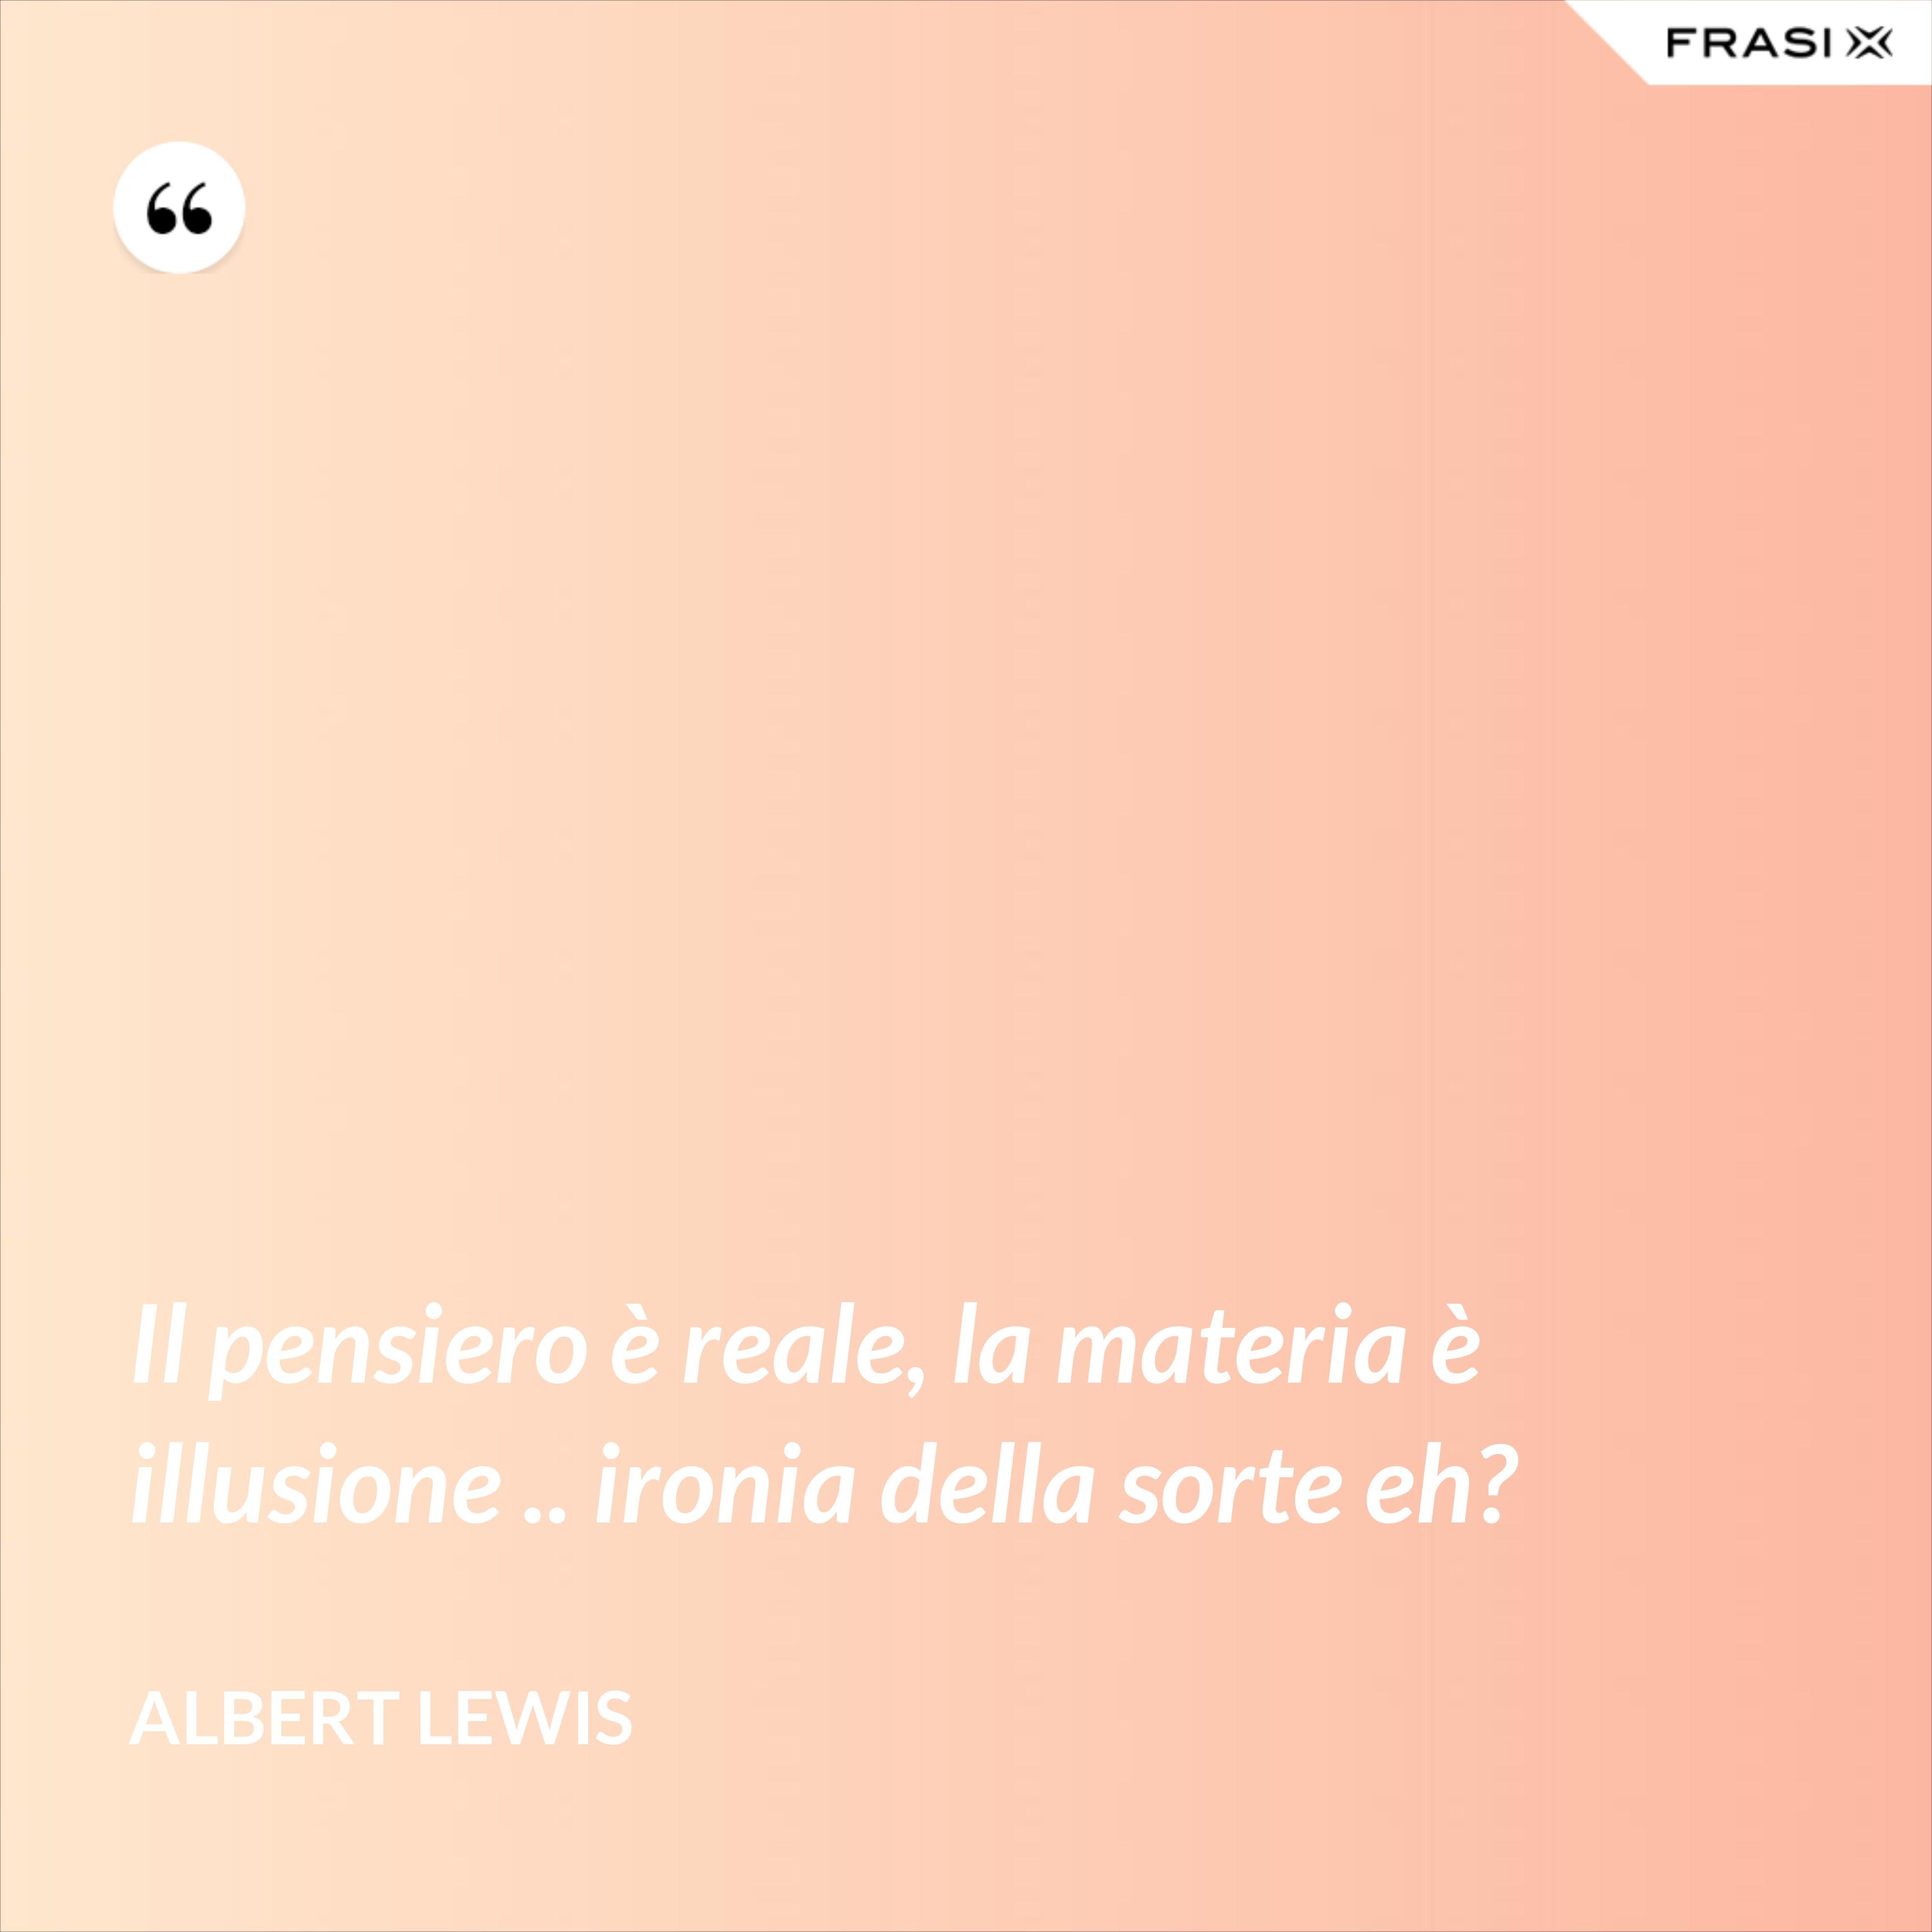 Il pensiero è reale, la materia è illusione .. ironia della sorte eh? - Albert Lewis